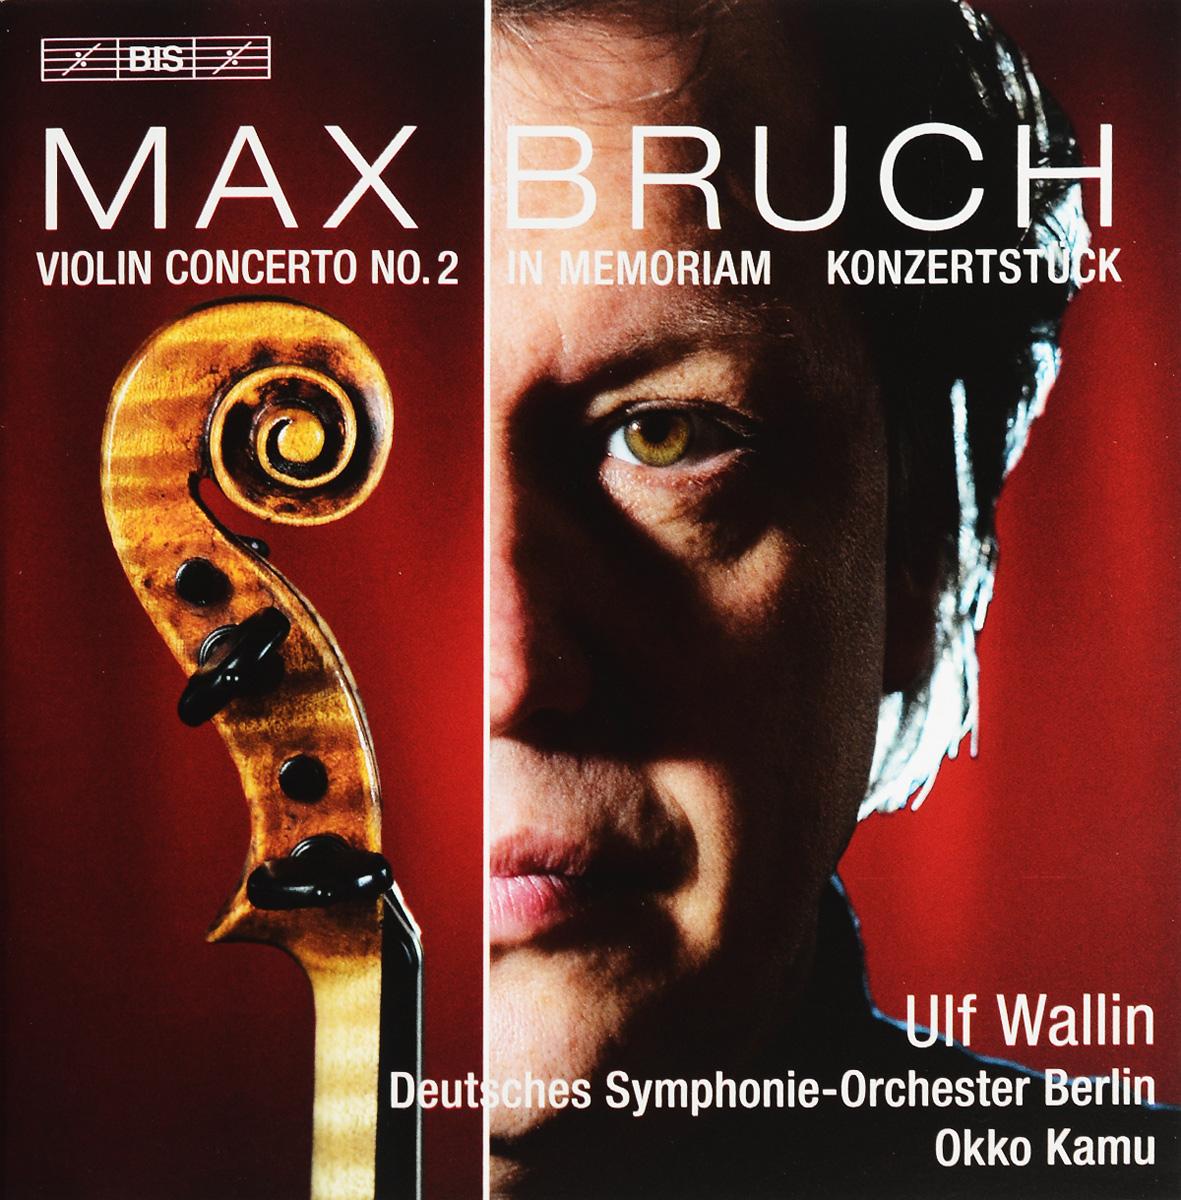 Воллин Ульф,Deutsches Symphonie-Orchester Berlin,Окко Каму Ulf Wallin, Deutsches Symphonie-Orchester Berlin, Okko Kamu. Max Bruch. Violin Concerto No. 2 (SACD) turkisch deutsches worterbuch